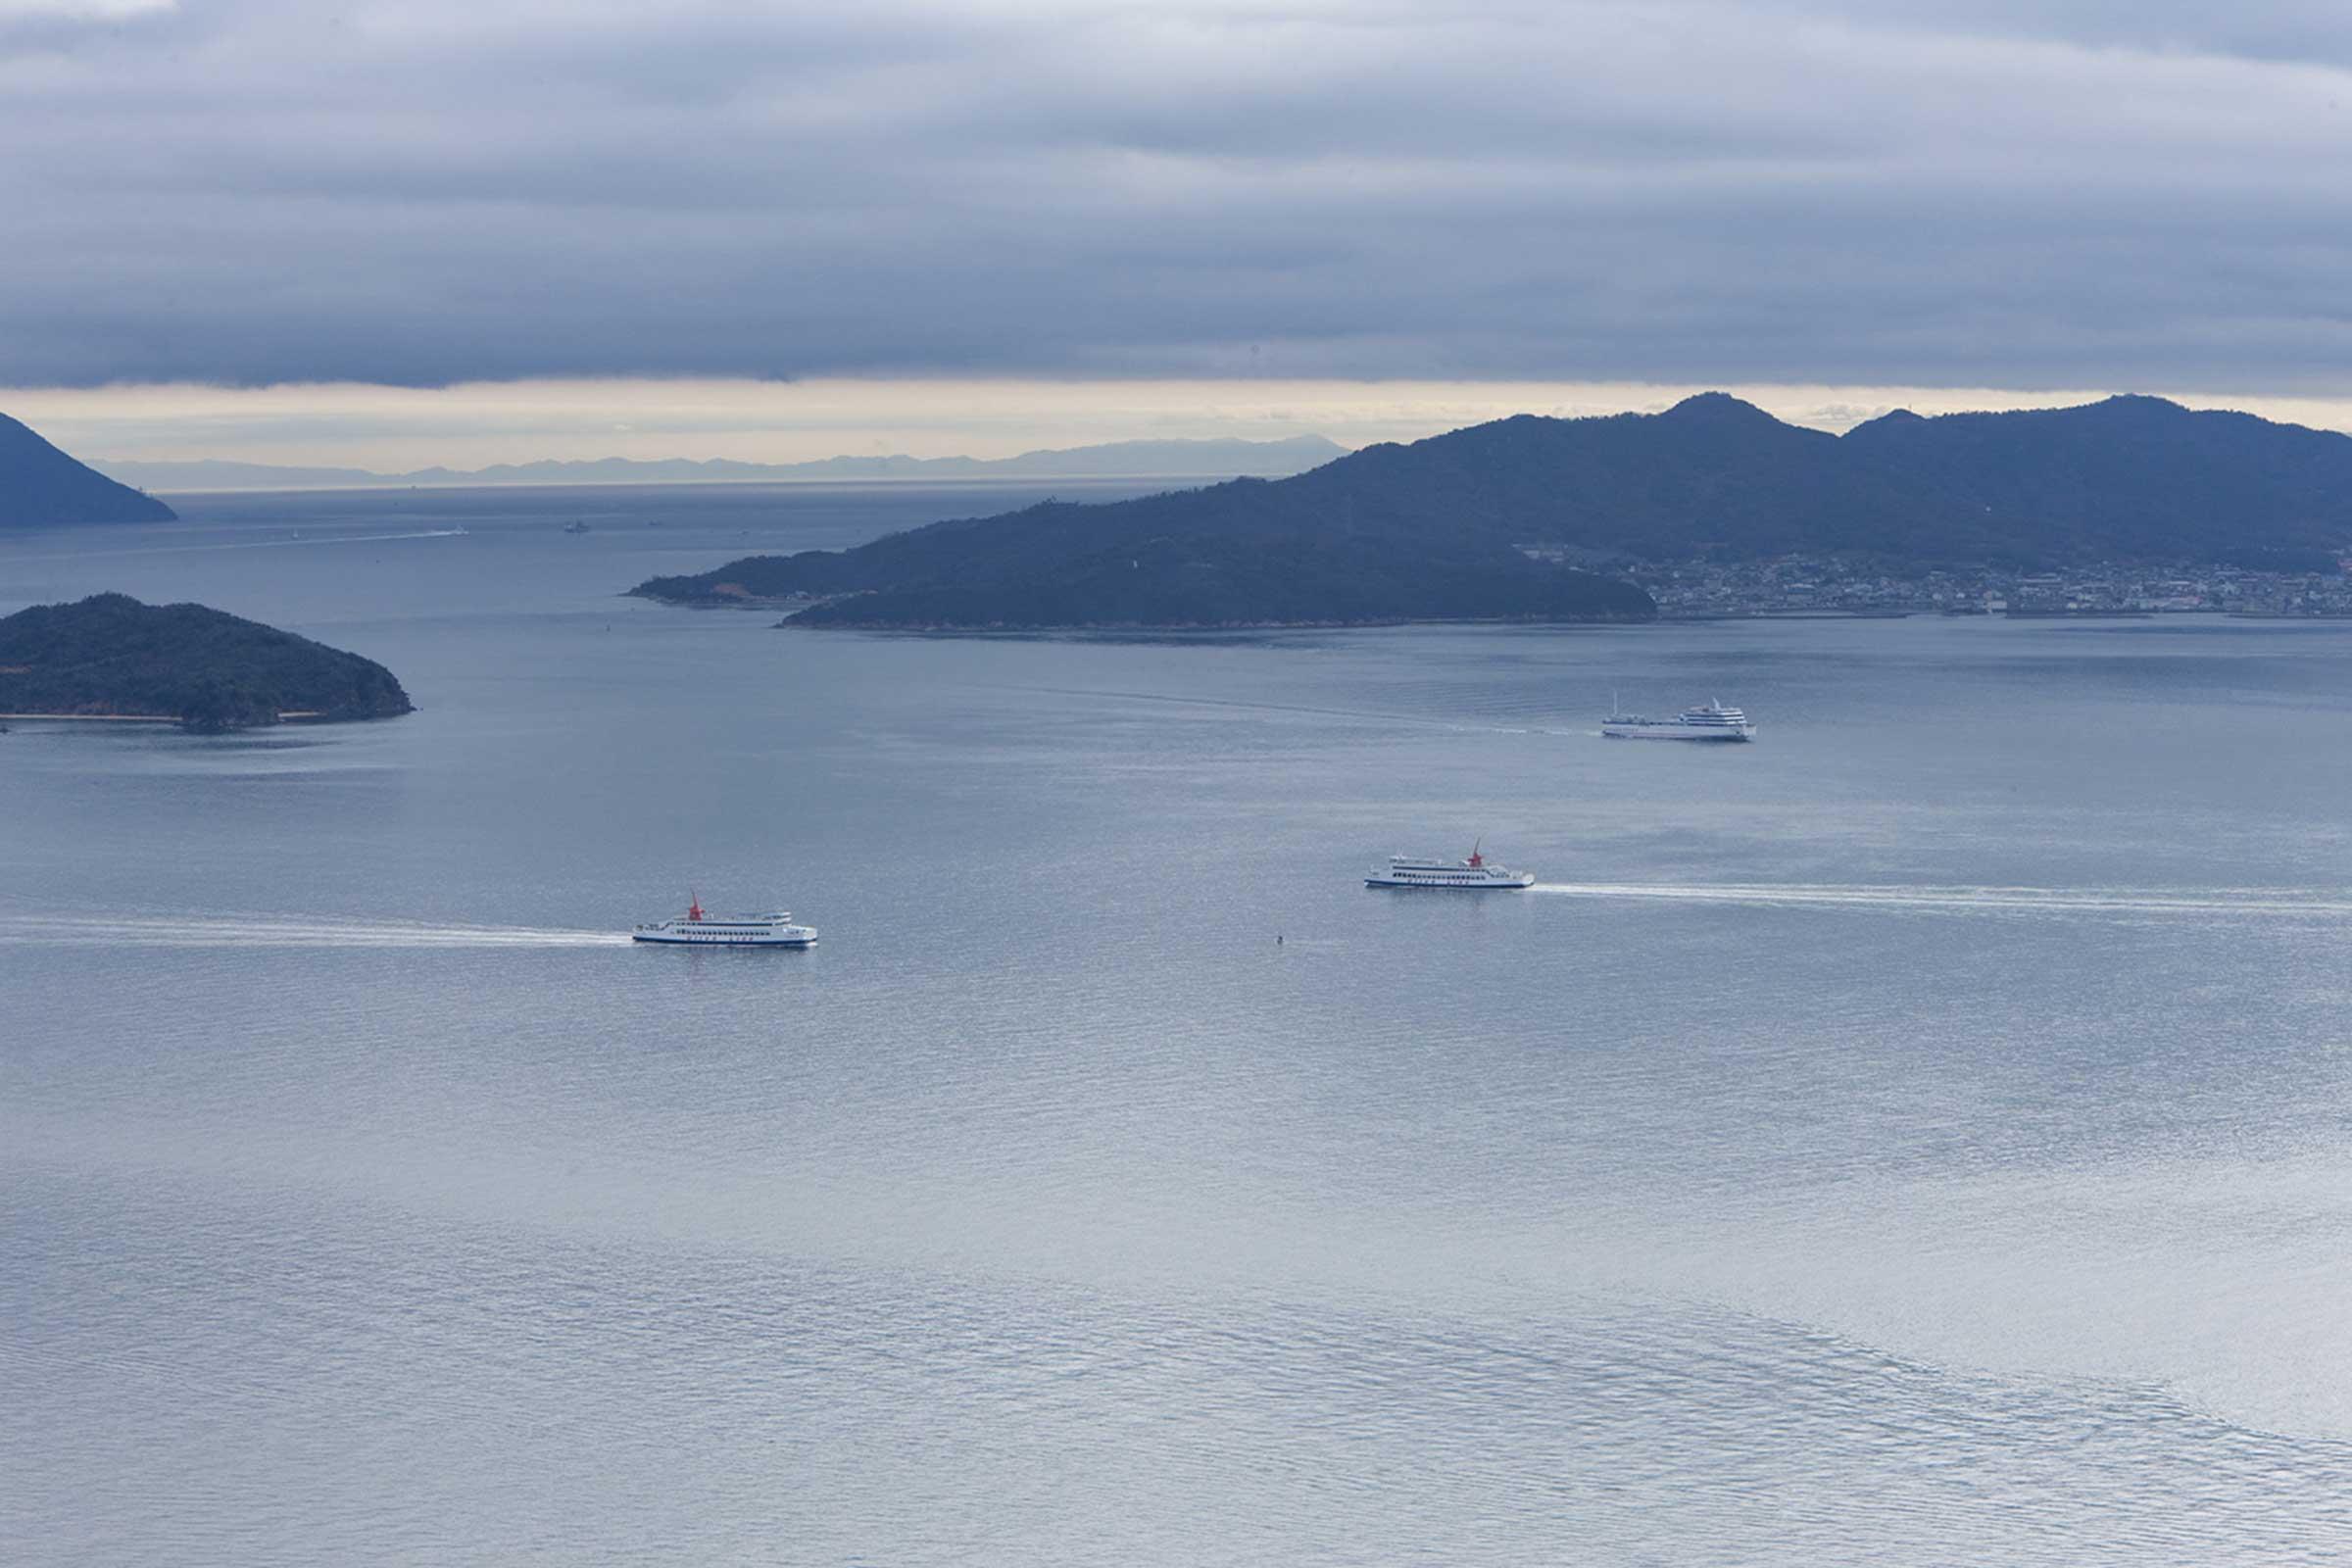 Image by Osamu Nakamura, courtesy of Setouchi Triennale Executive Committee